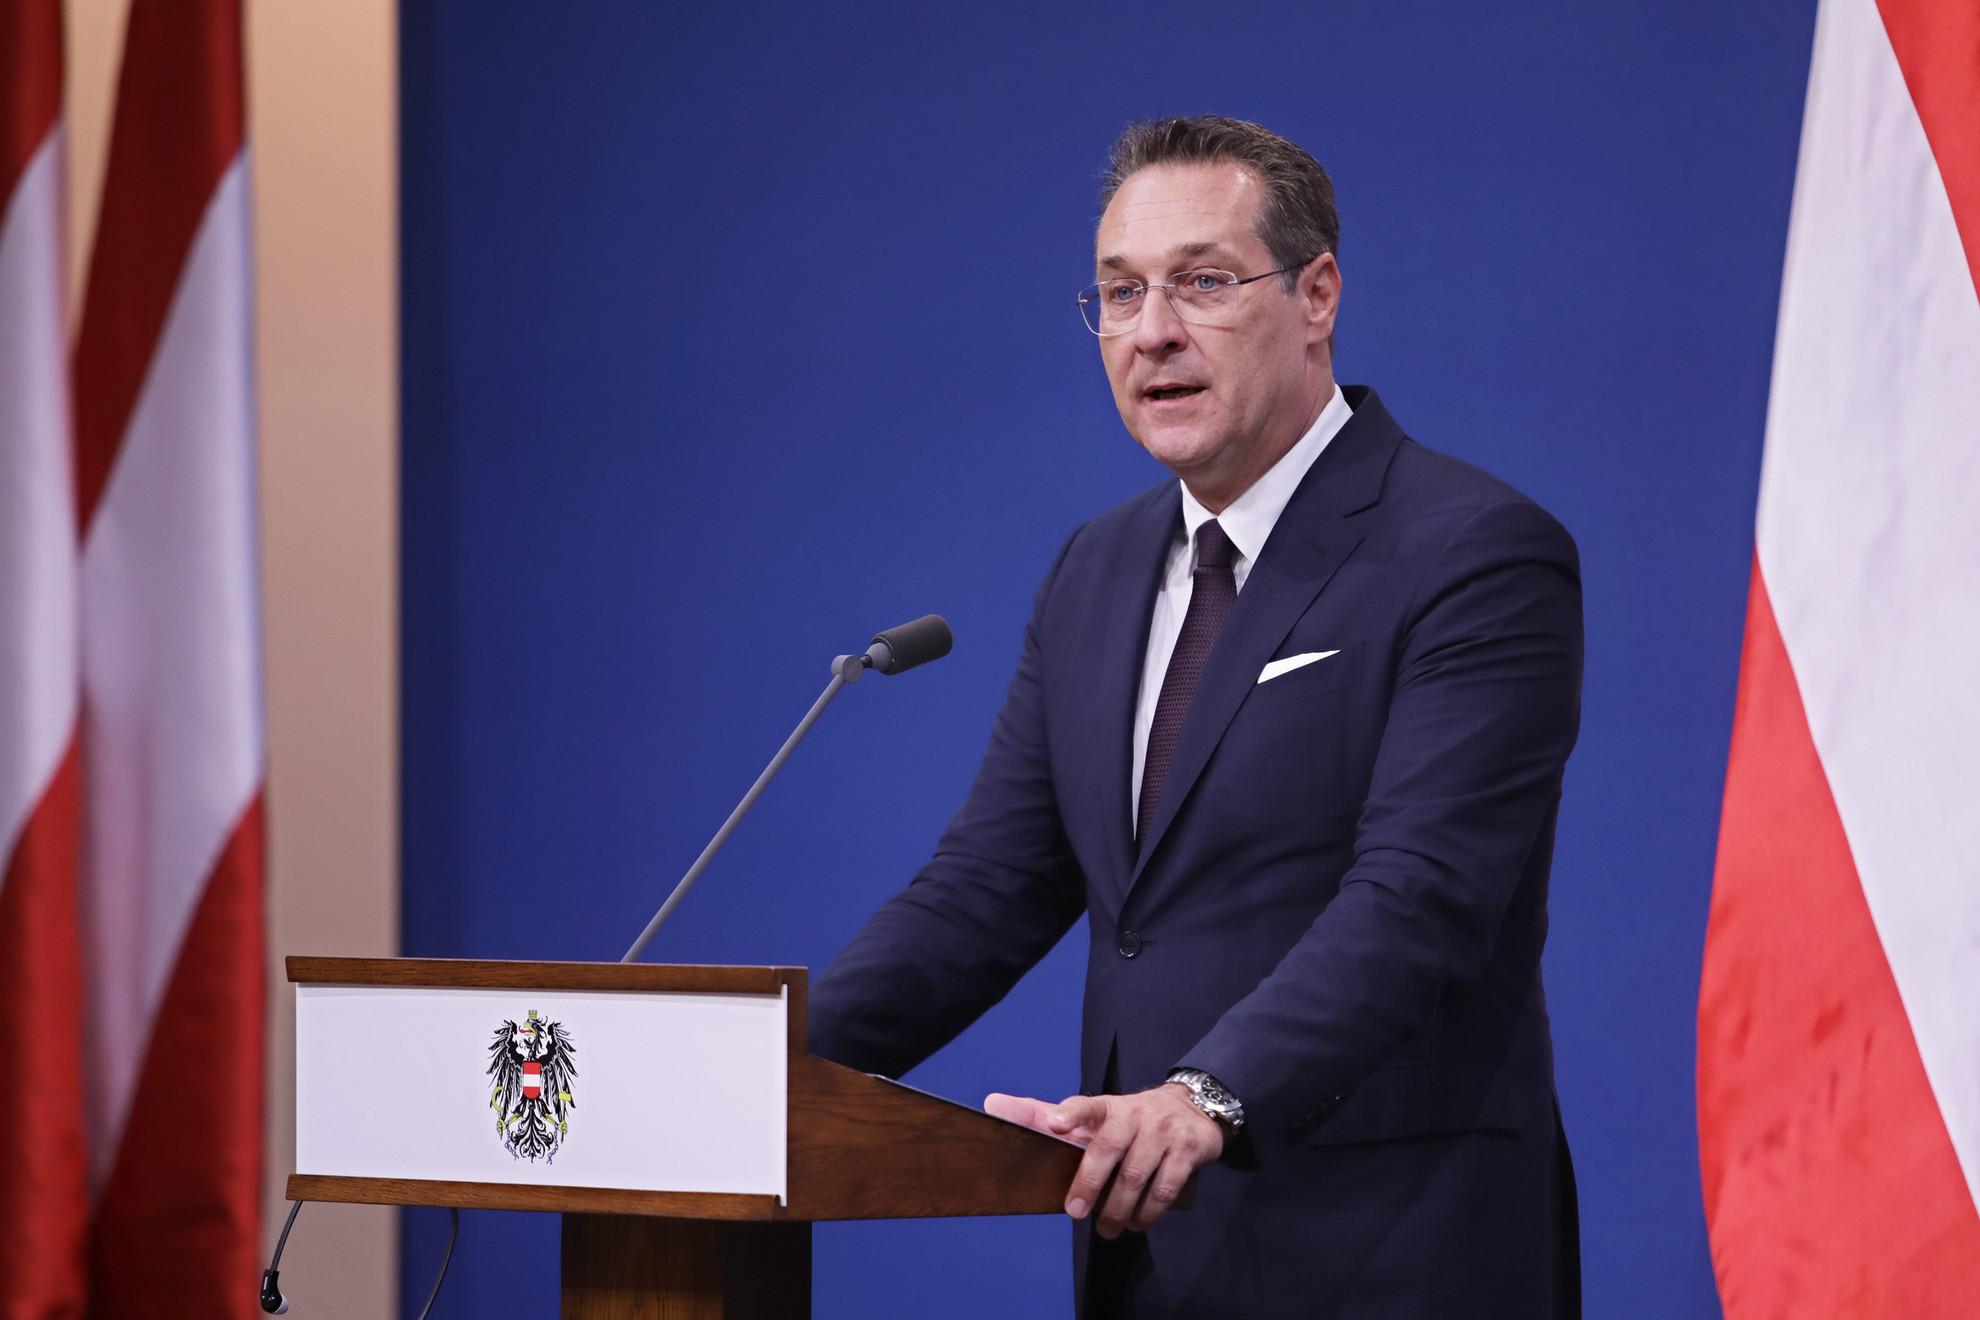 Heinz-Christian Strachéra és pártjára volt szükség ahhoz, hogy az osztrák álláspont bevándorlásellenessé változzon